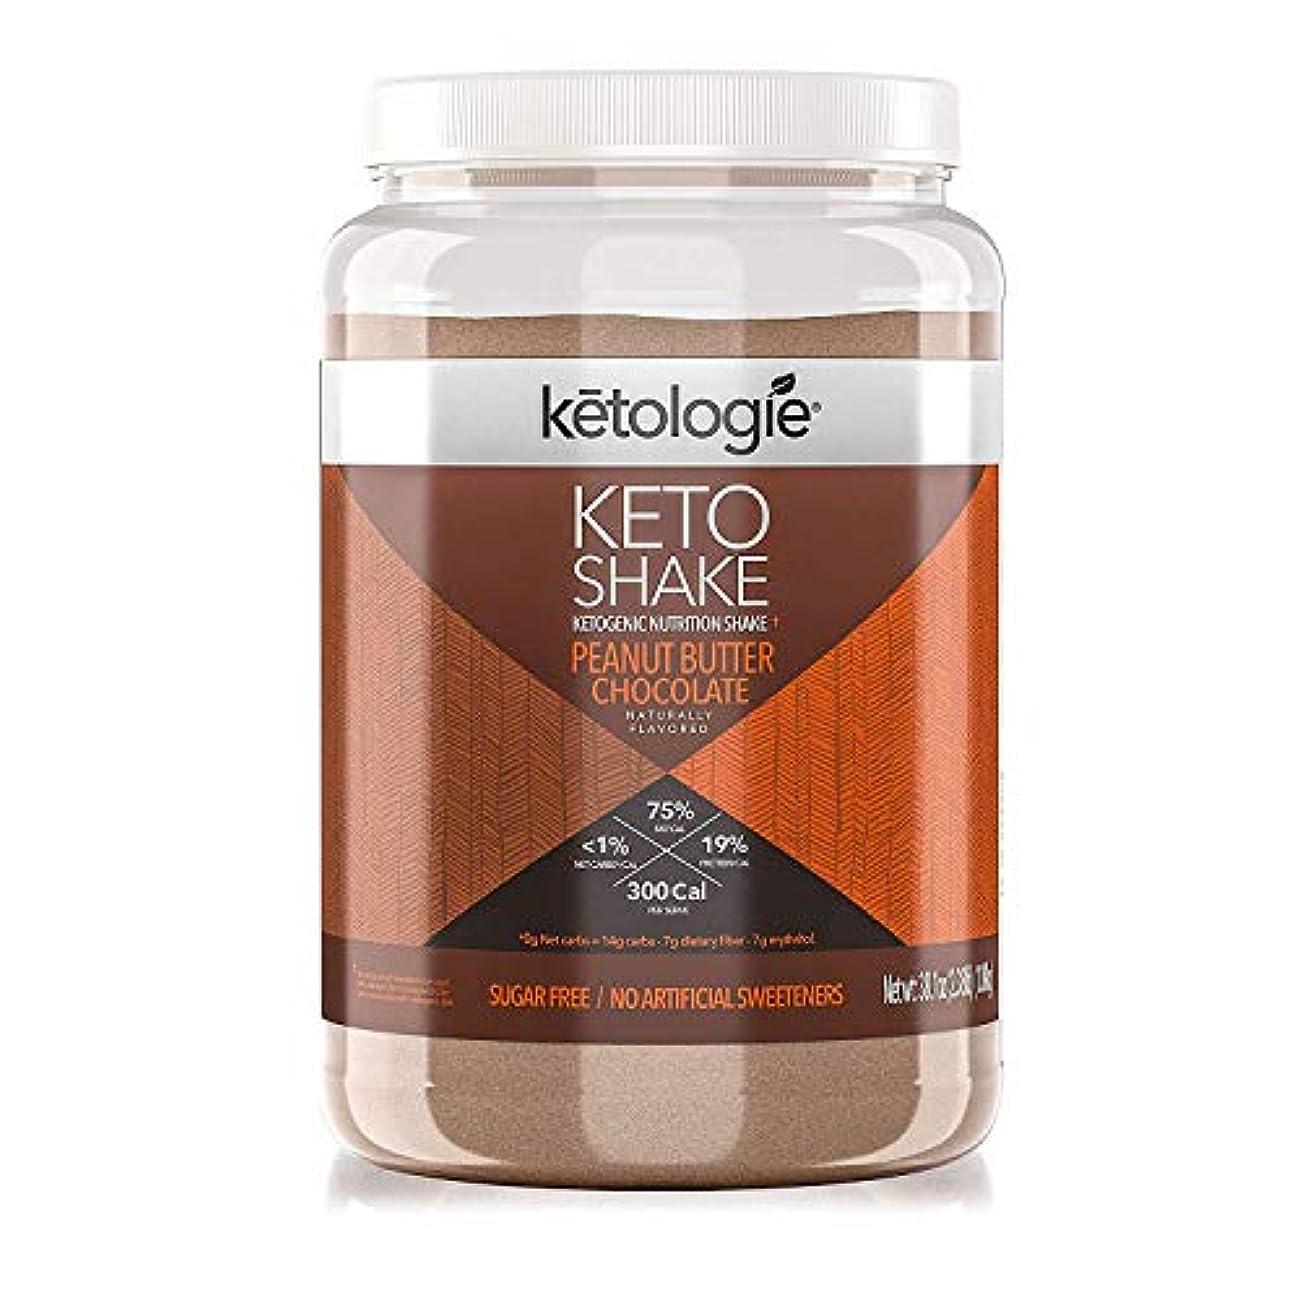 クローゼット貝殻調停する[Ketologie] [コラーゲンケトシェイク(チョコレートピーナッツバター) Collagen Keto Shake (Chocolate Peanut Butter)]